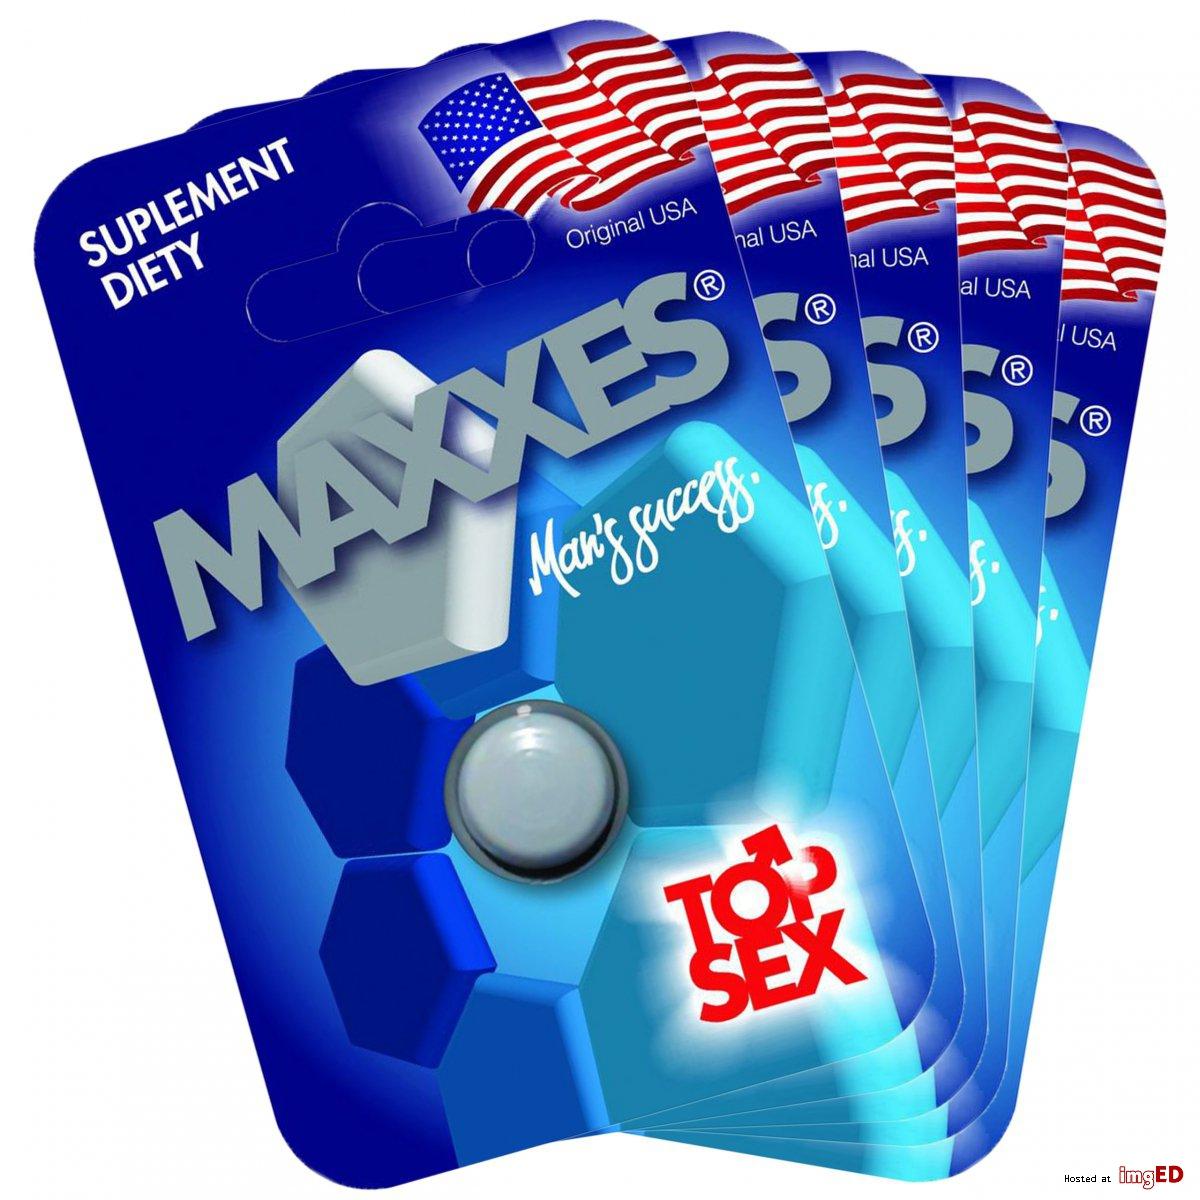 Maxxes – สำหรับความแรง - ผลกระทบ – ราคา – การเรียนการสอน